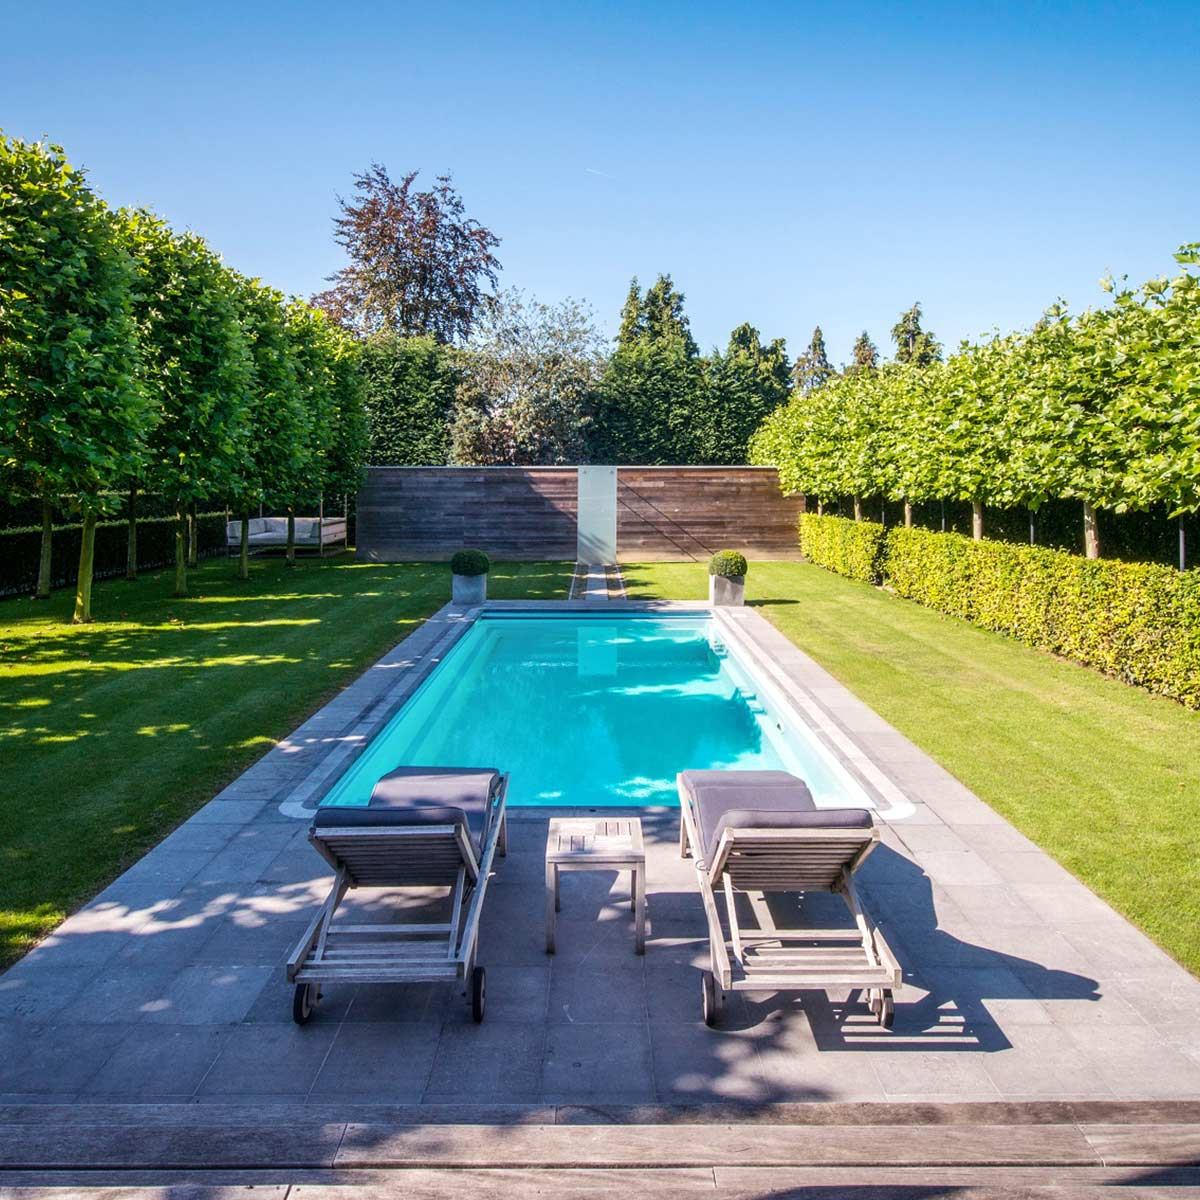 Beeindruckend Schwimmbäder Für Den Garten Schwimmbad01: Friedrichs Gartenbau